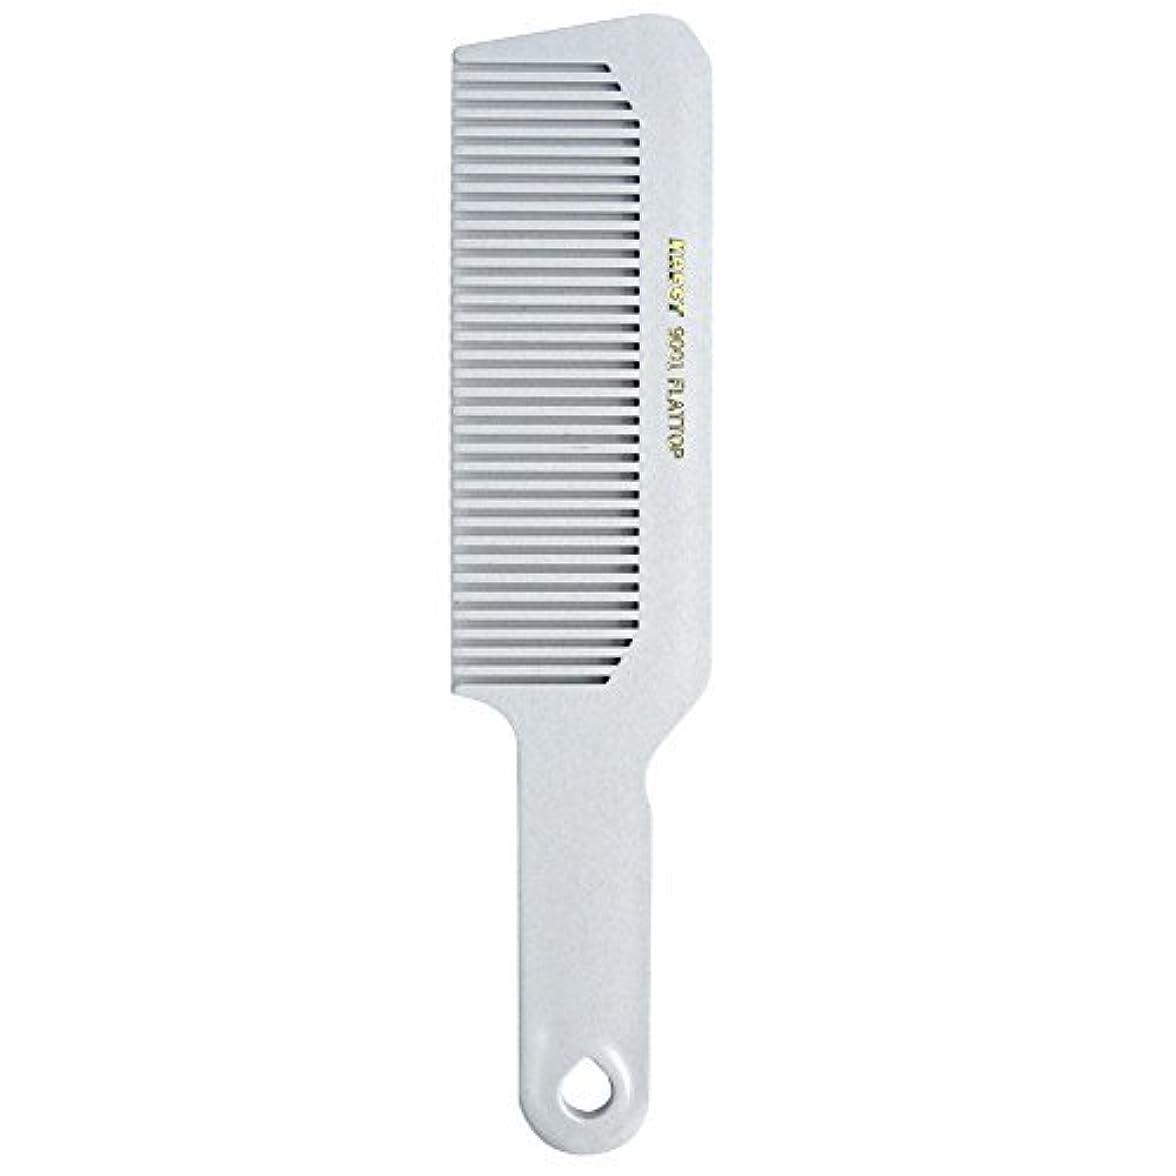 変色する音メタンBarber Salon Beauty Hair Krest 9001 8 3/4